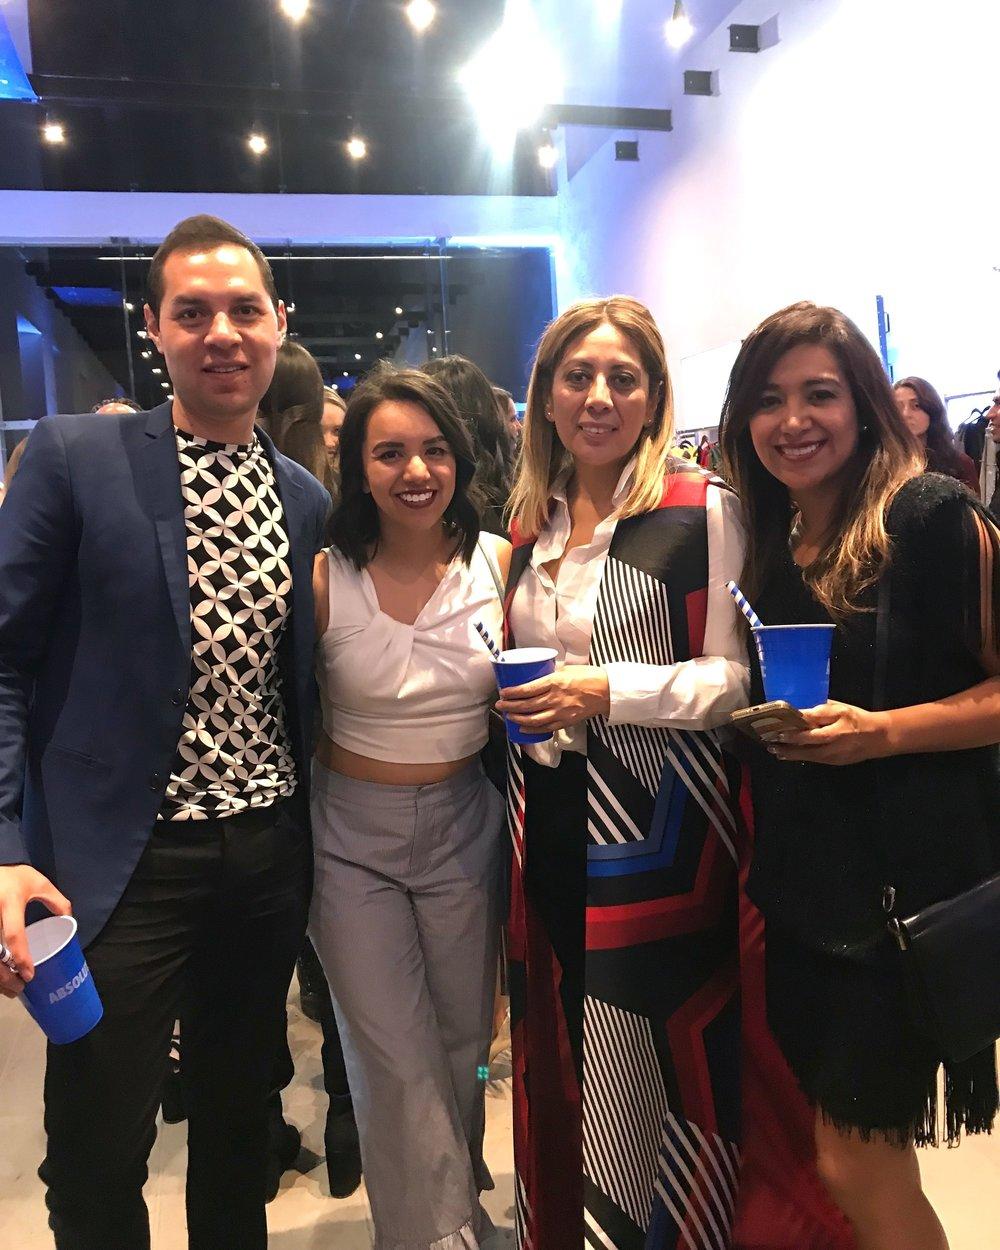 Con Rafa Subdirector de Trozmer, Fabiola Montes y Anabell Diaz de Bianco